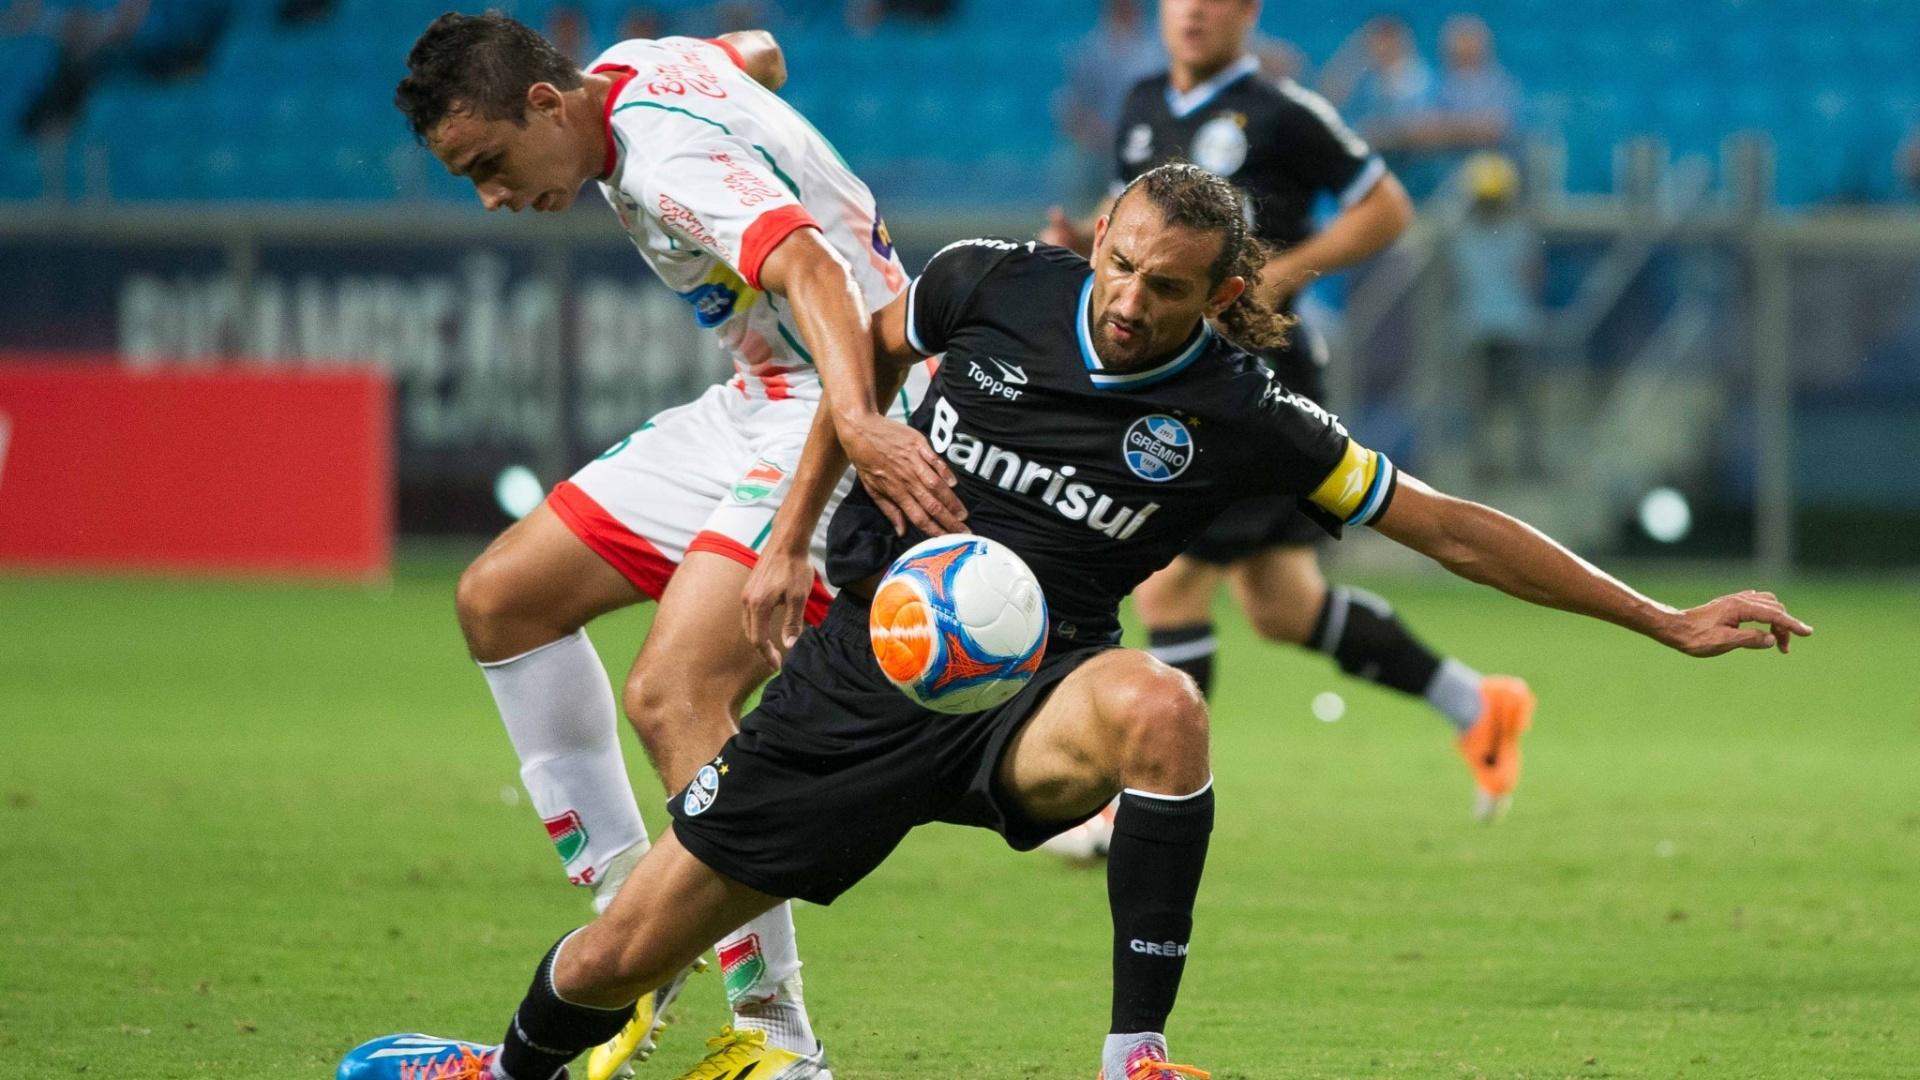 09.mar.2014 - Autor do gol de empate do Grêmio, Barcos tenta dominar a bola contra o Passo Fundo